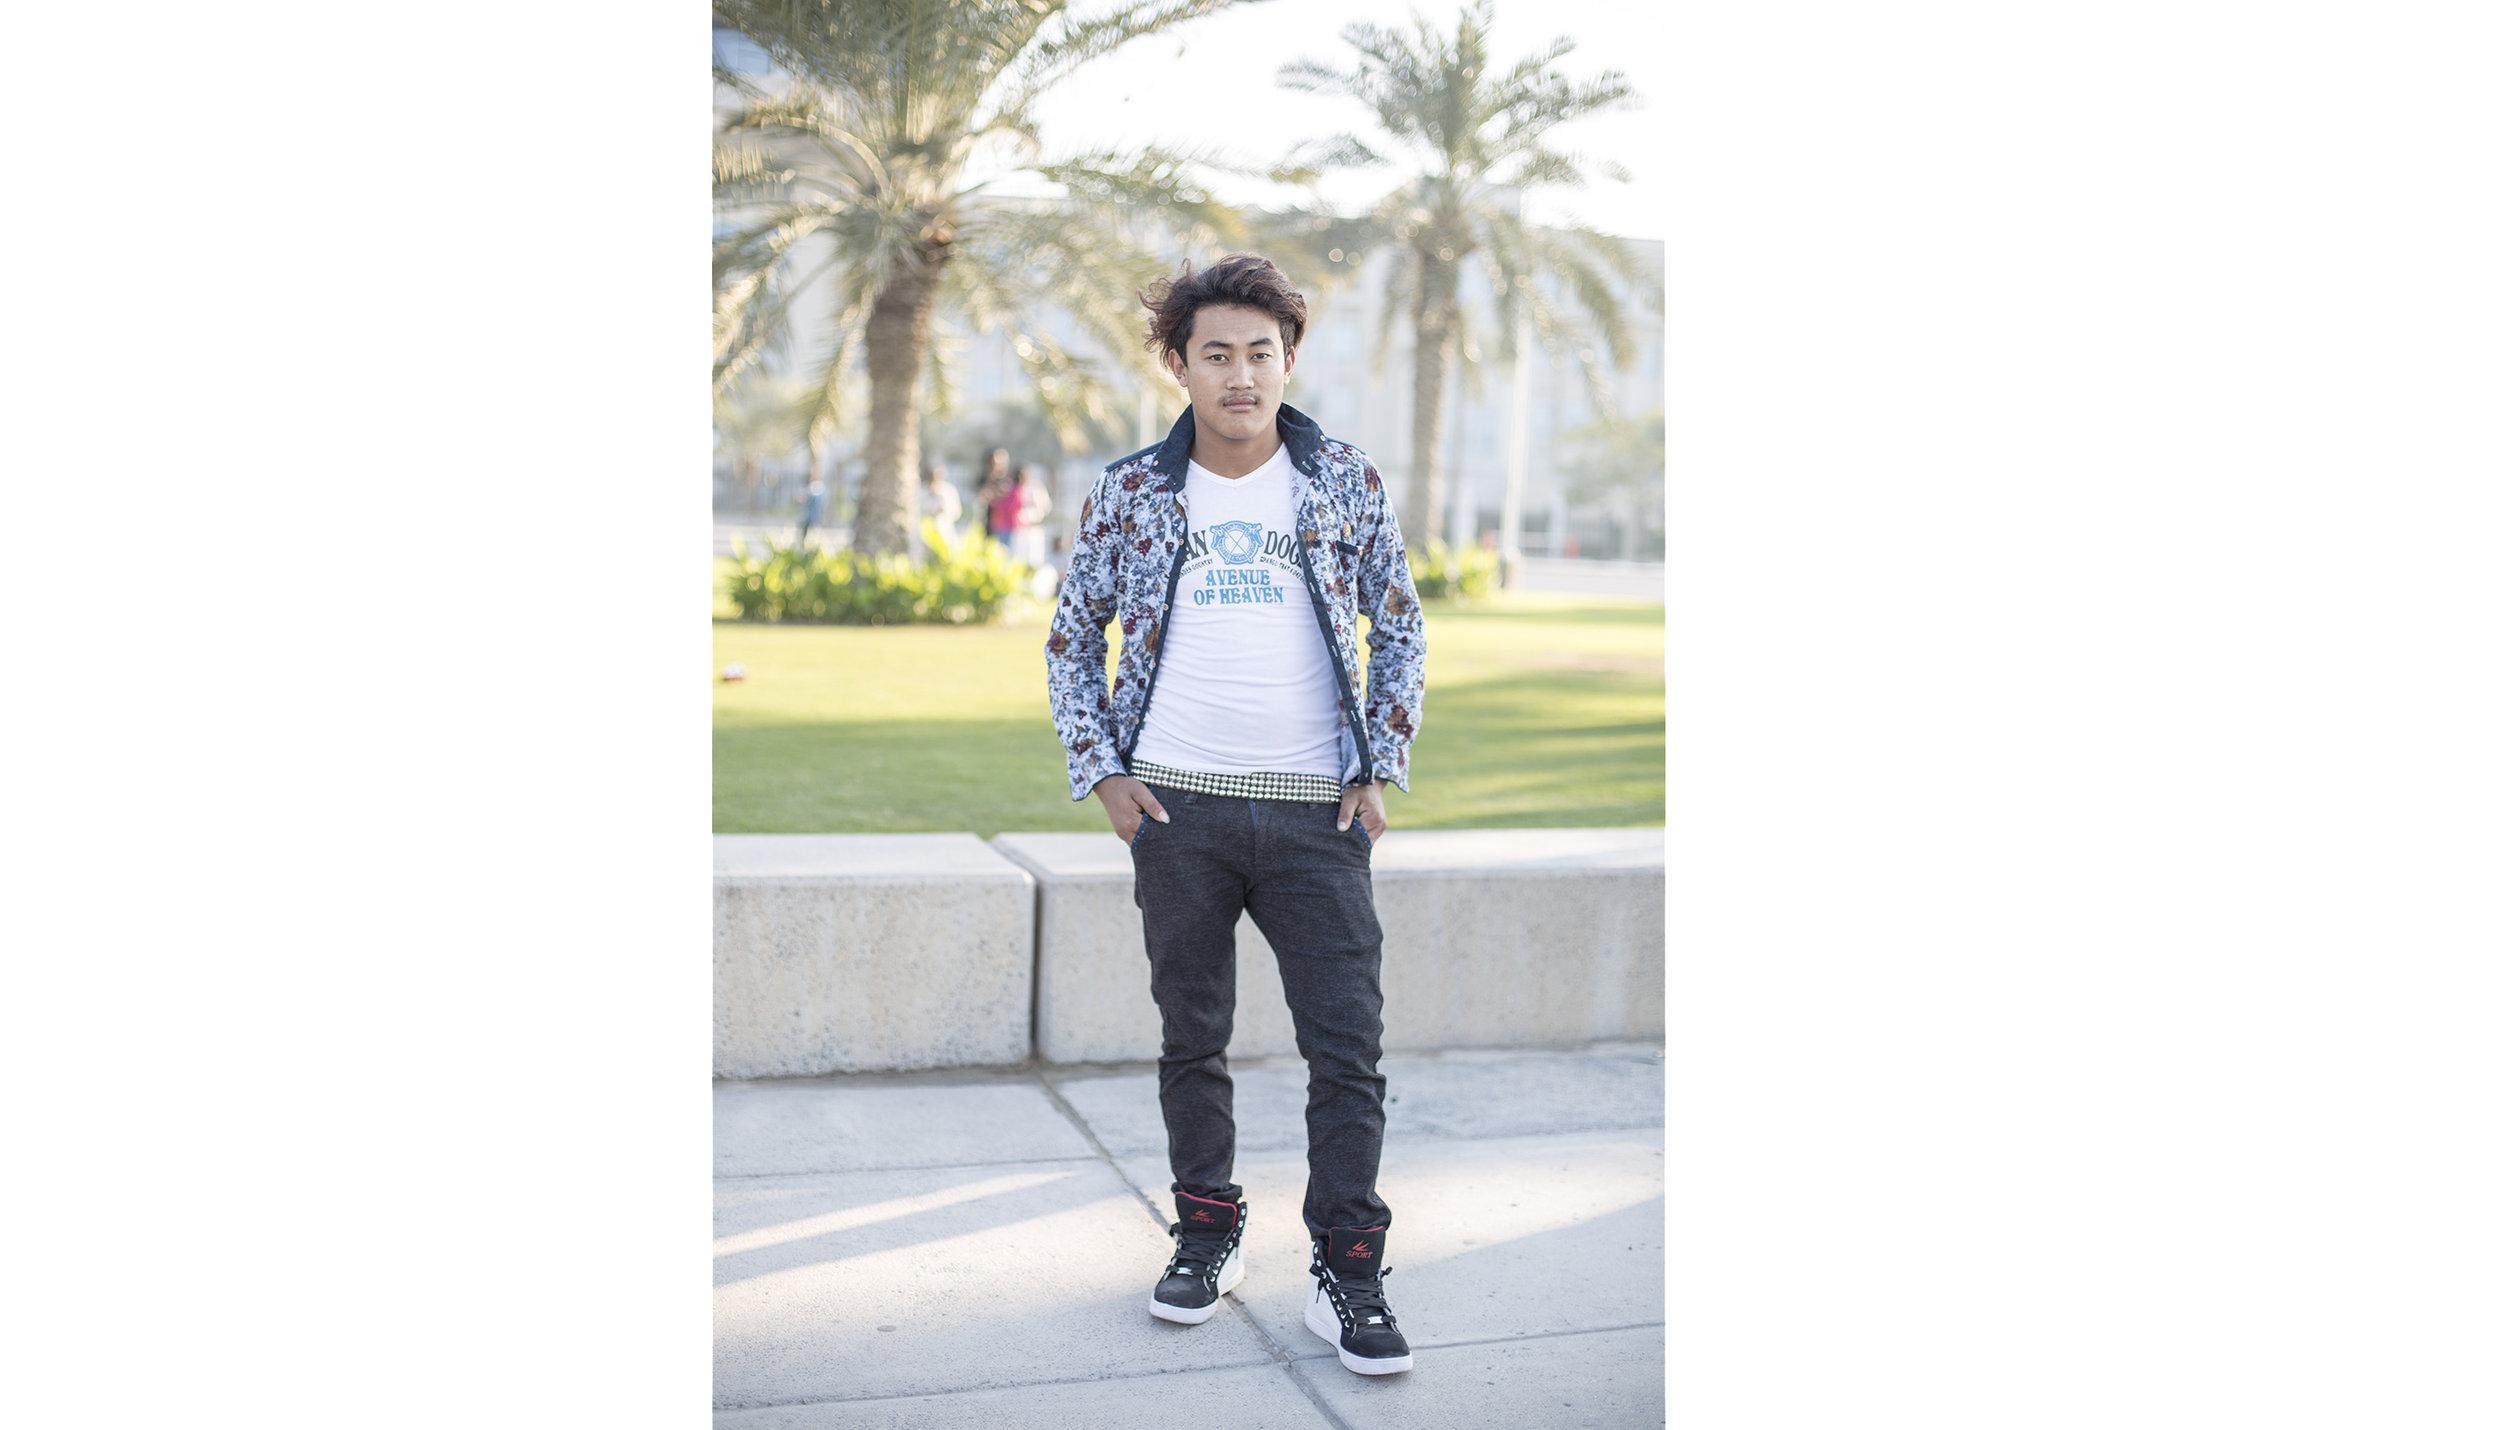 Doha_FashionFriday_105TEST.jpg